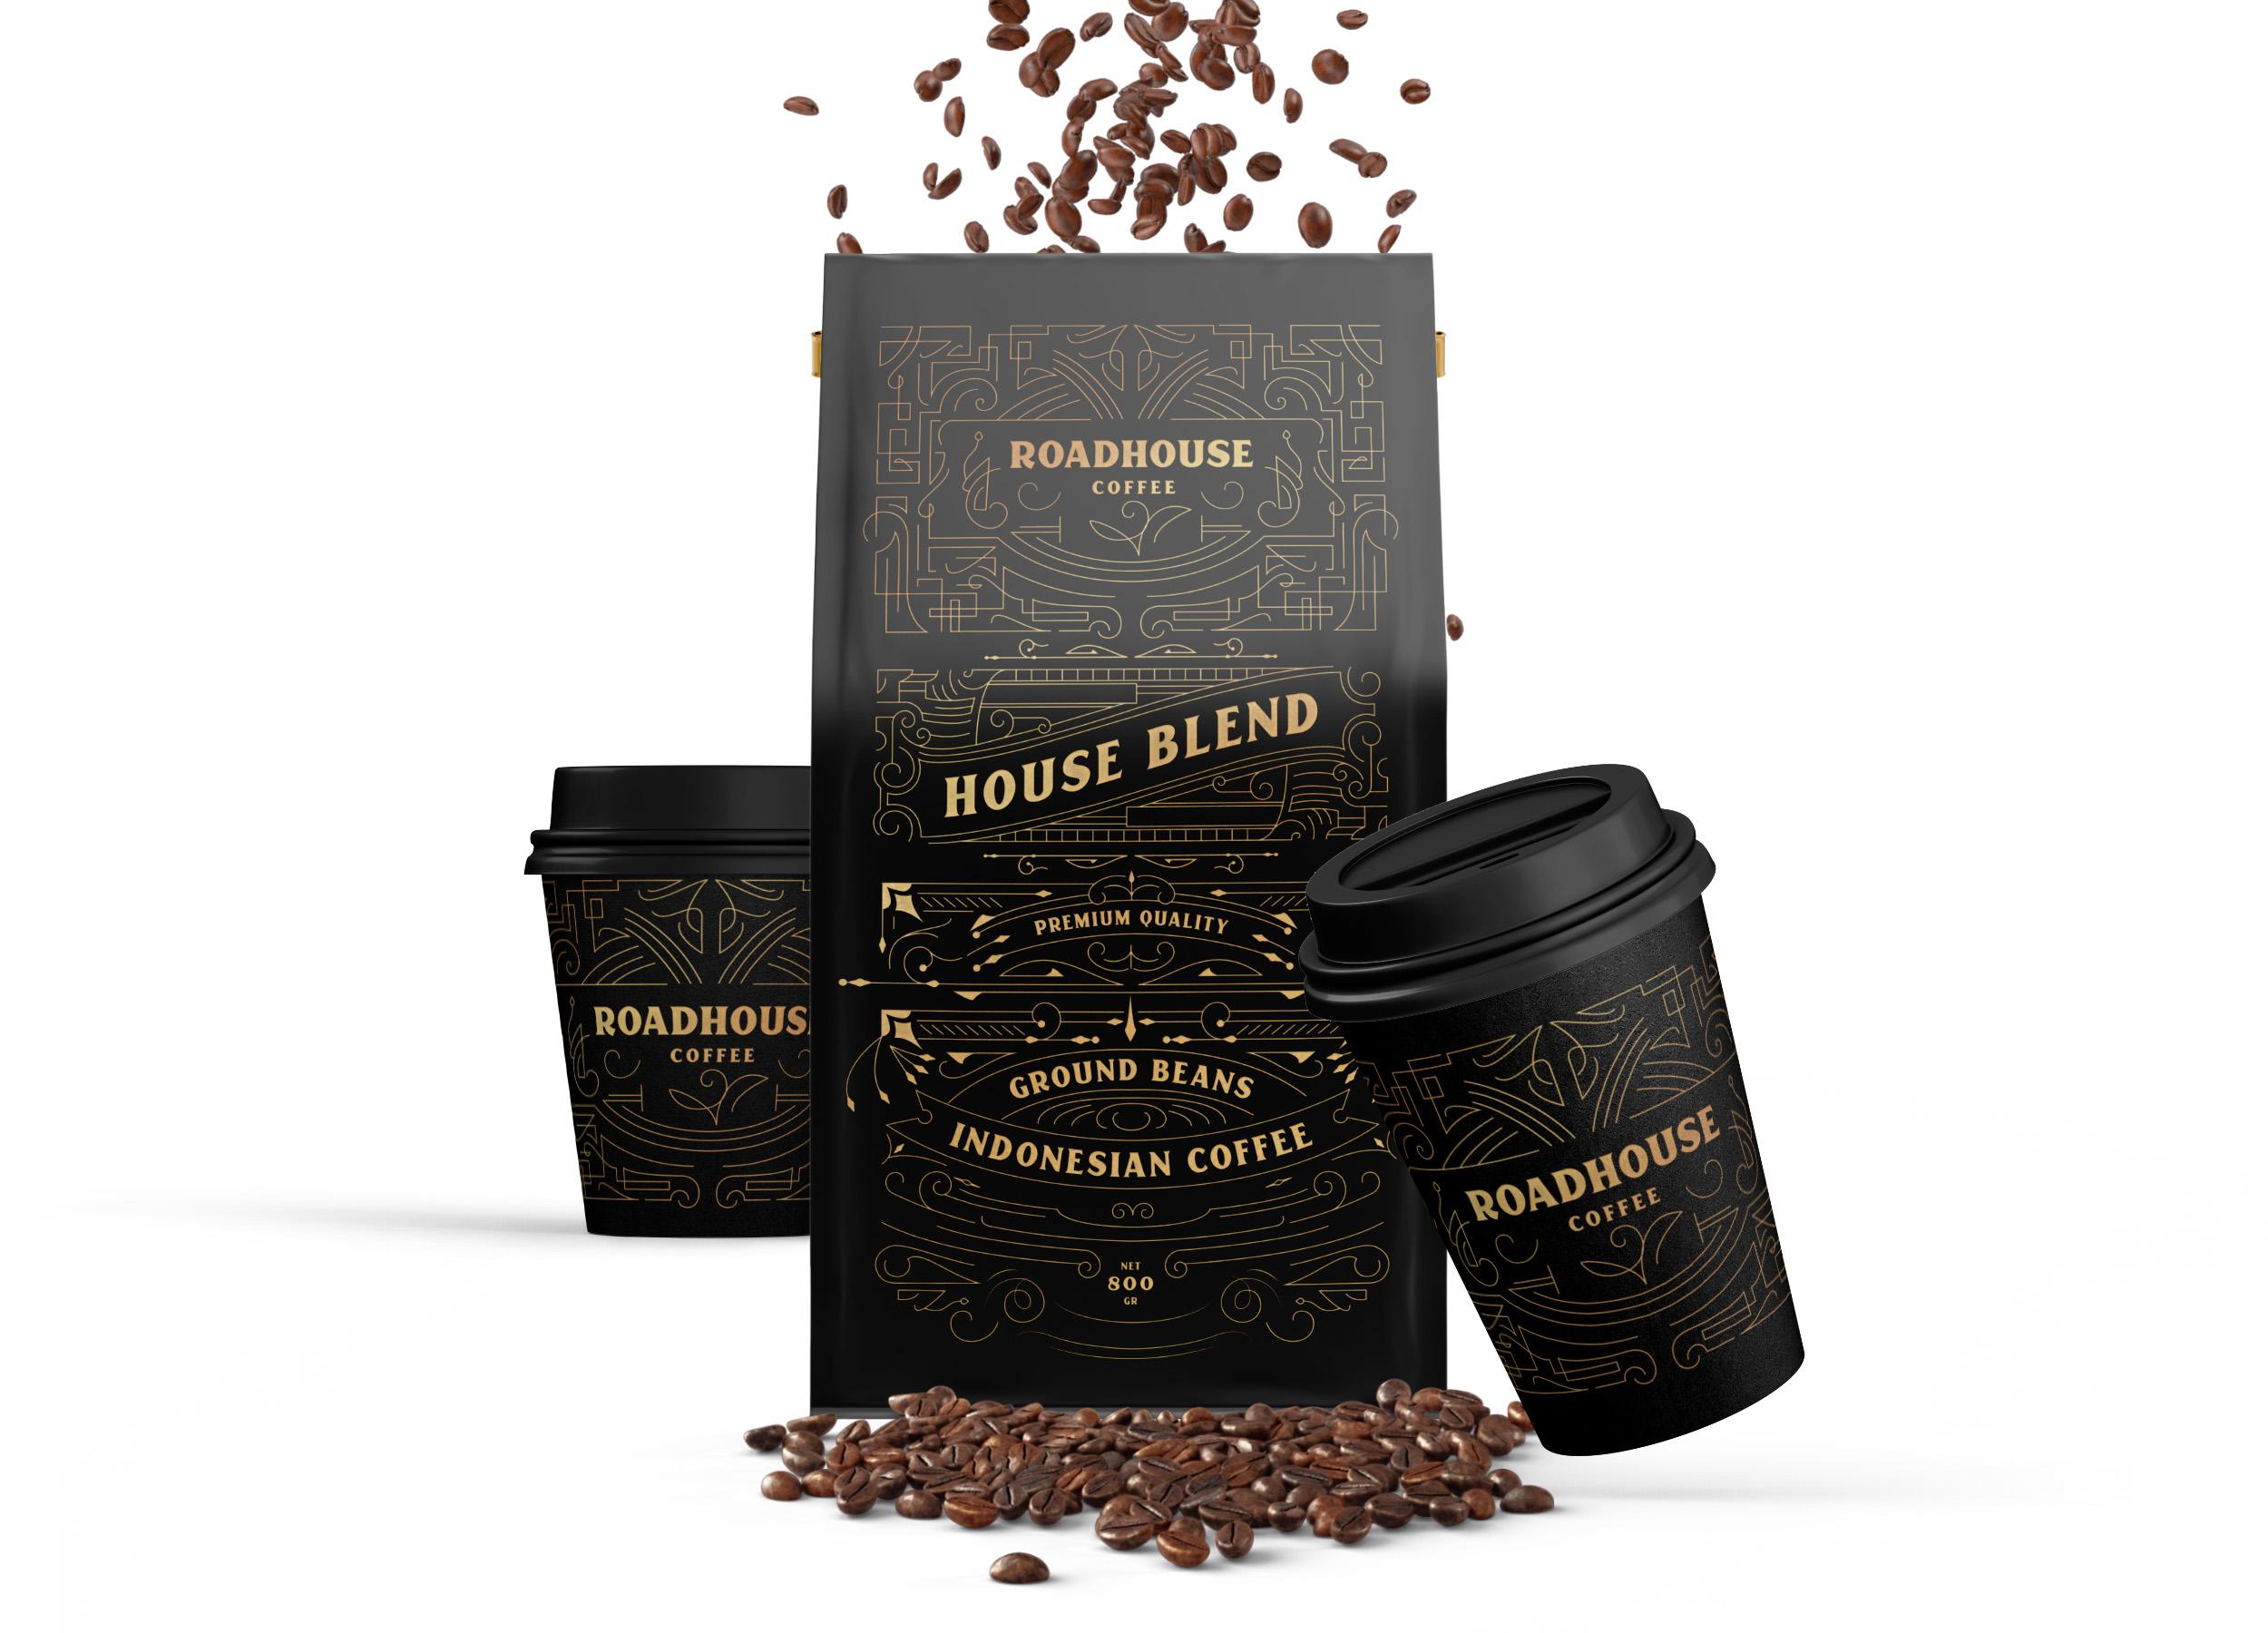 Widarto Impact Creates a Premium Packaging Design for Roadhouse Premium Coffee